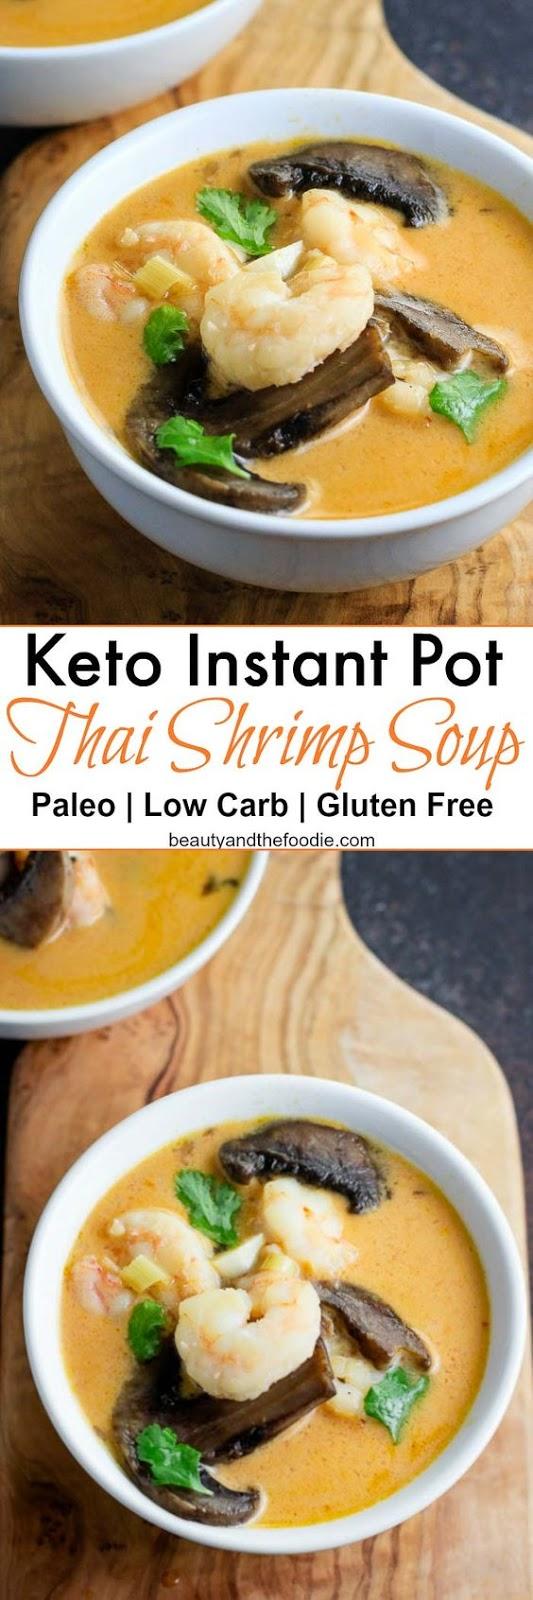 Keto Instant Pot Thai Shrimp Soup